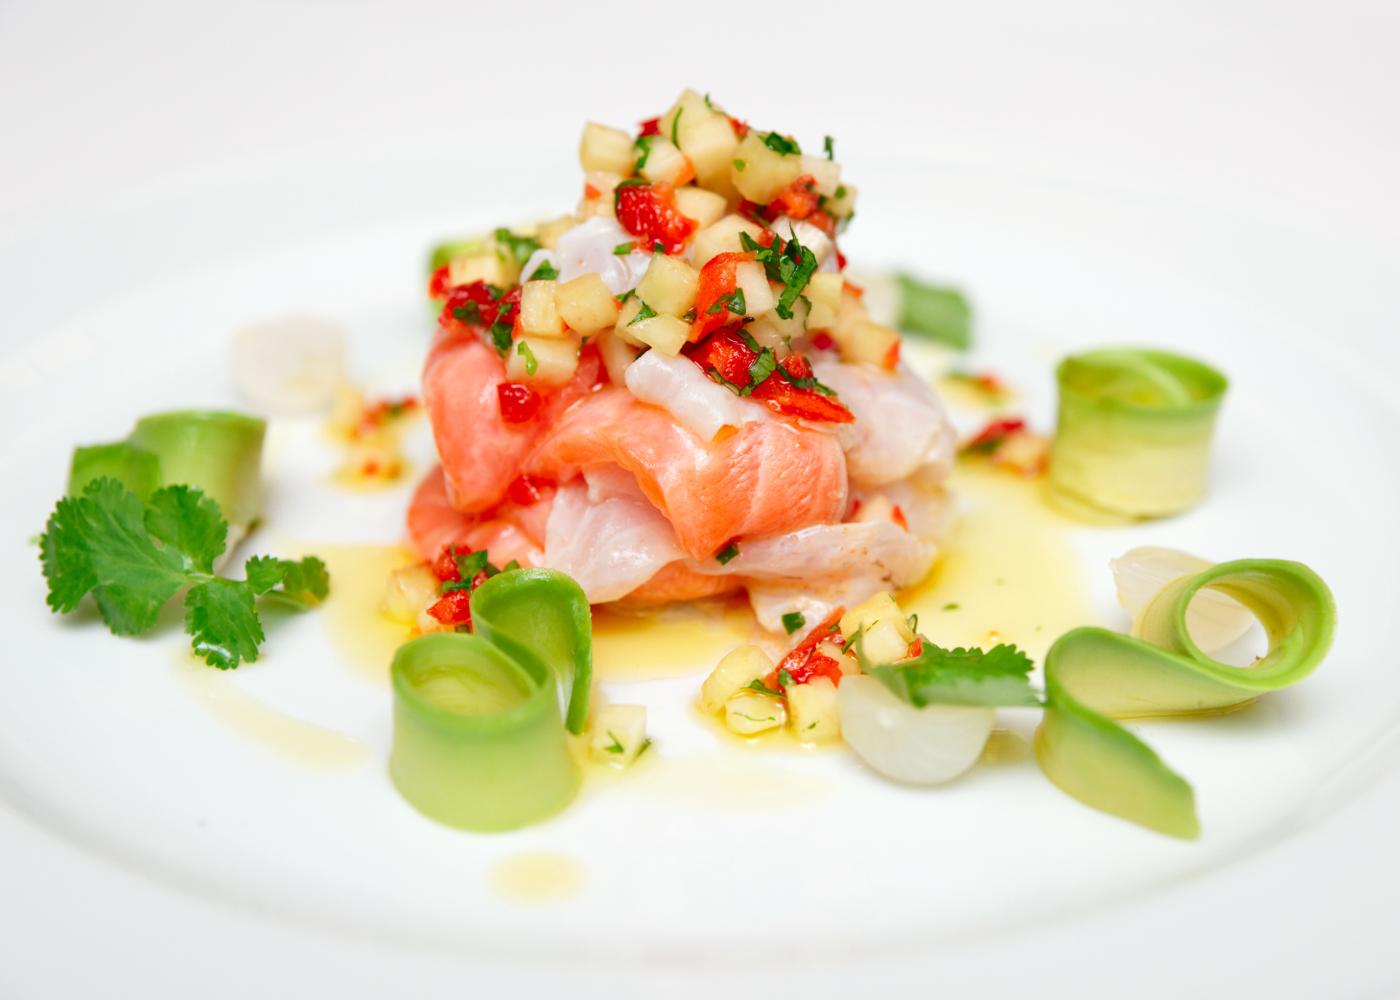 ceviche de salmão em fundo branco